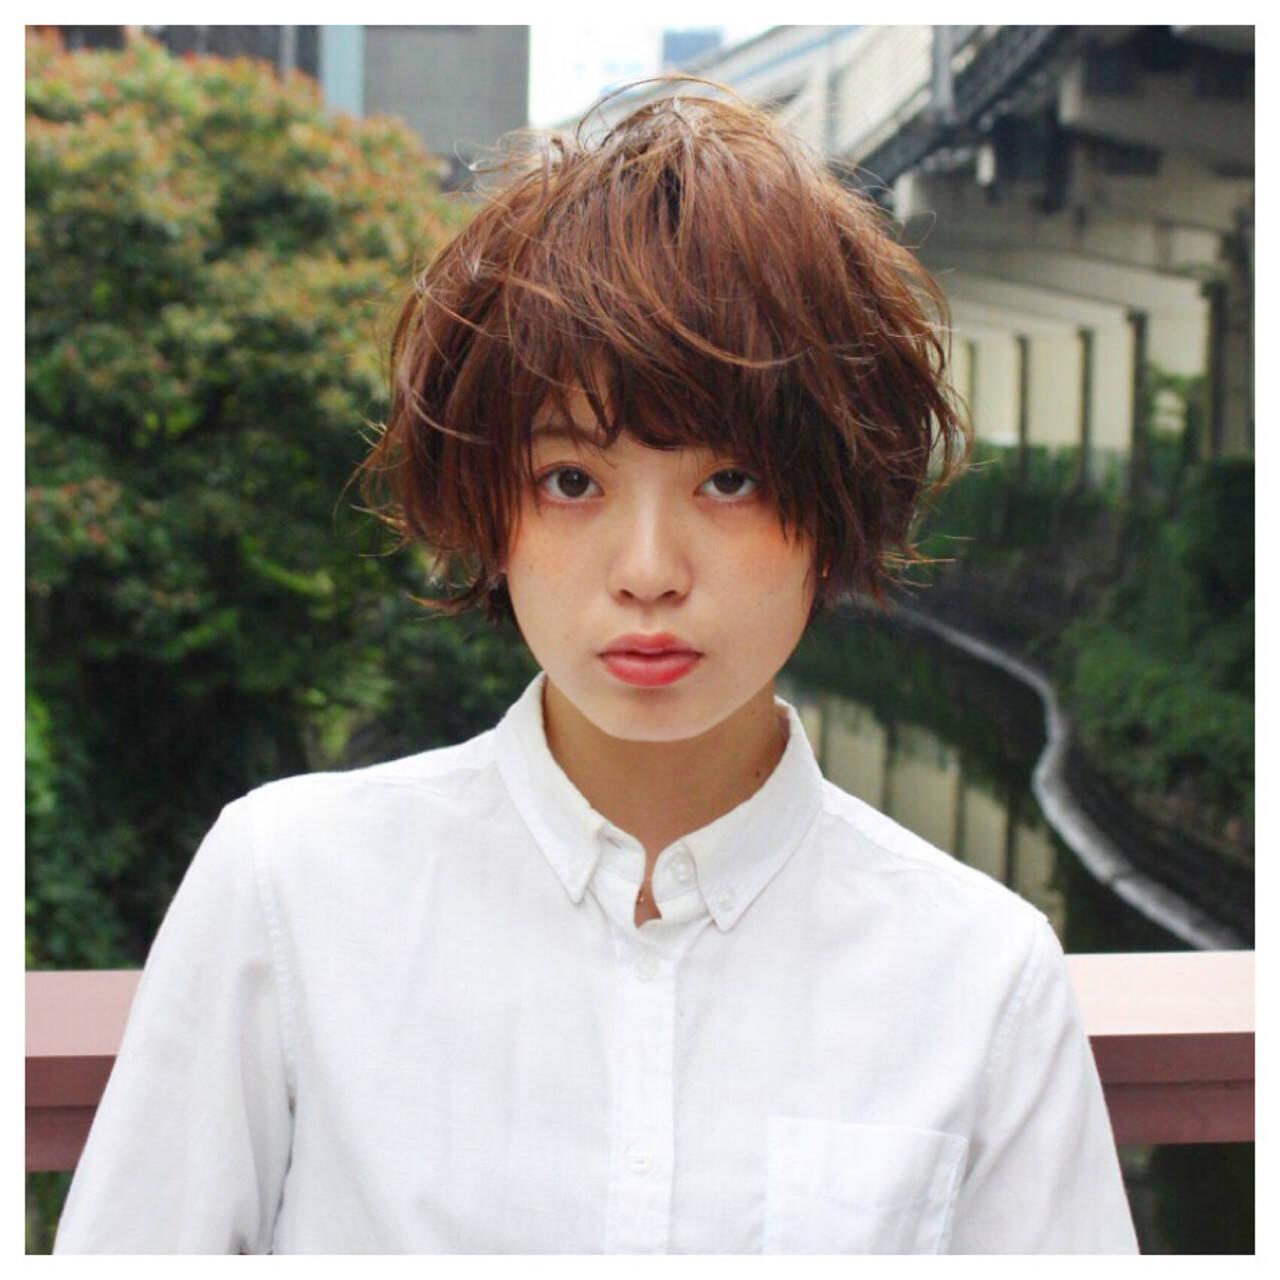 パーマ アッシュ ピュア ゆるふわヘアスタイルや髪型の写真・画像